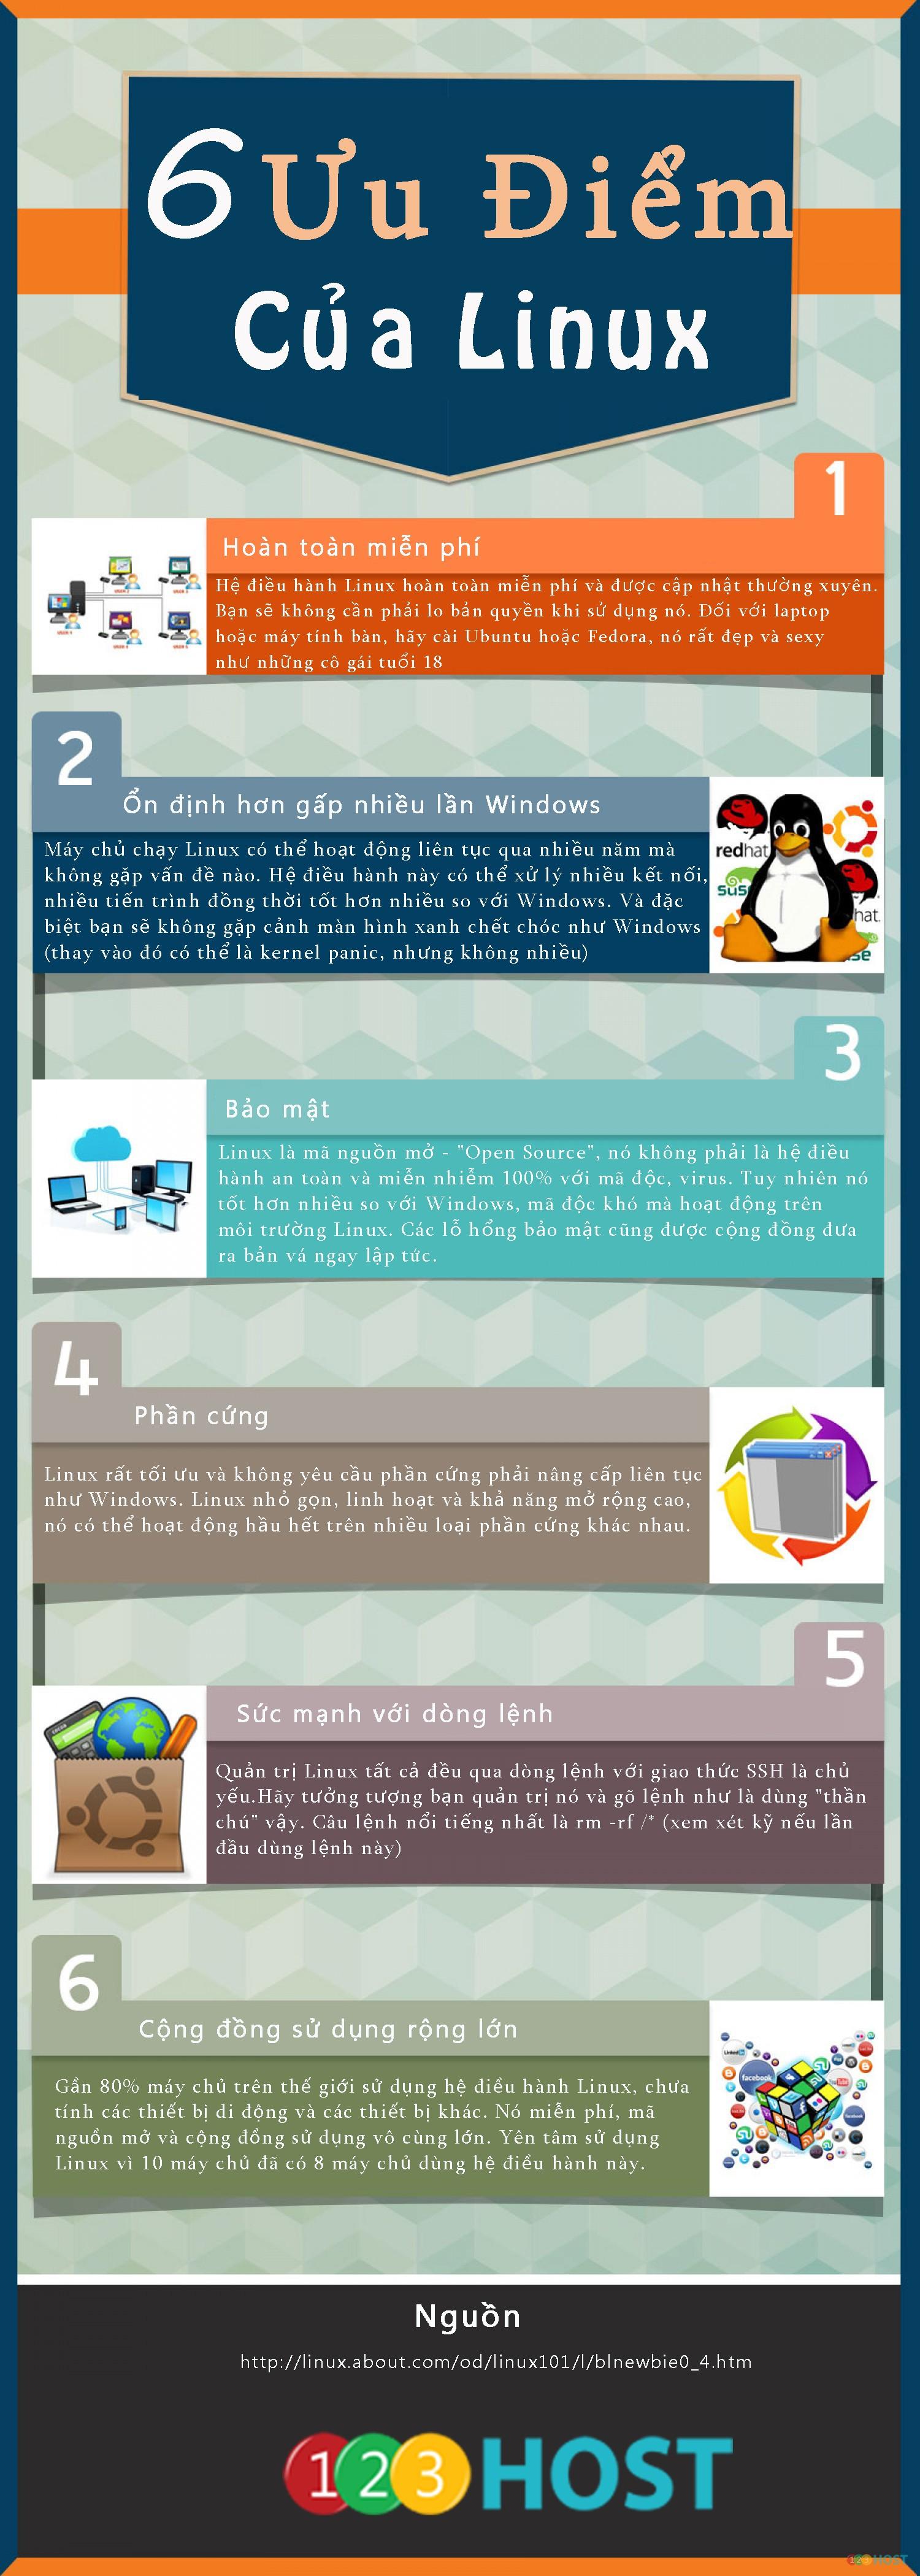 6 ưu điểm của Linux